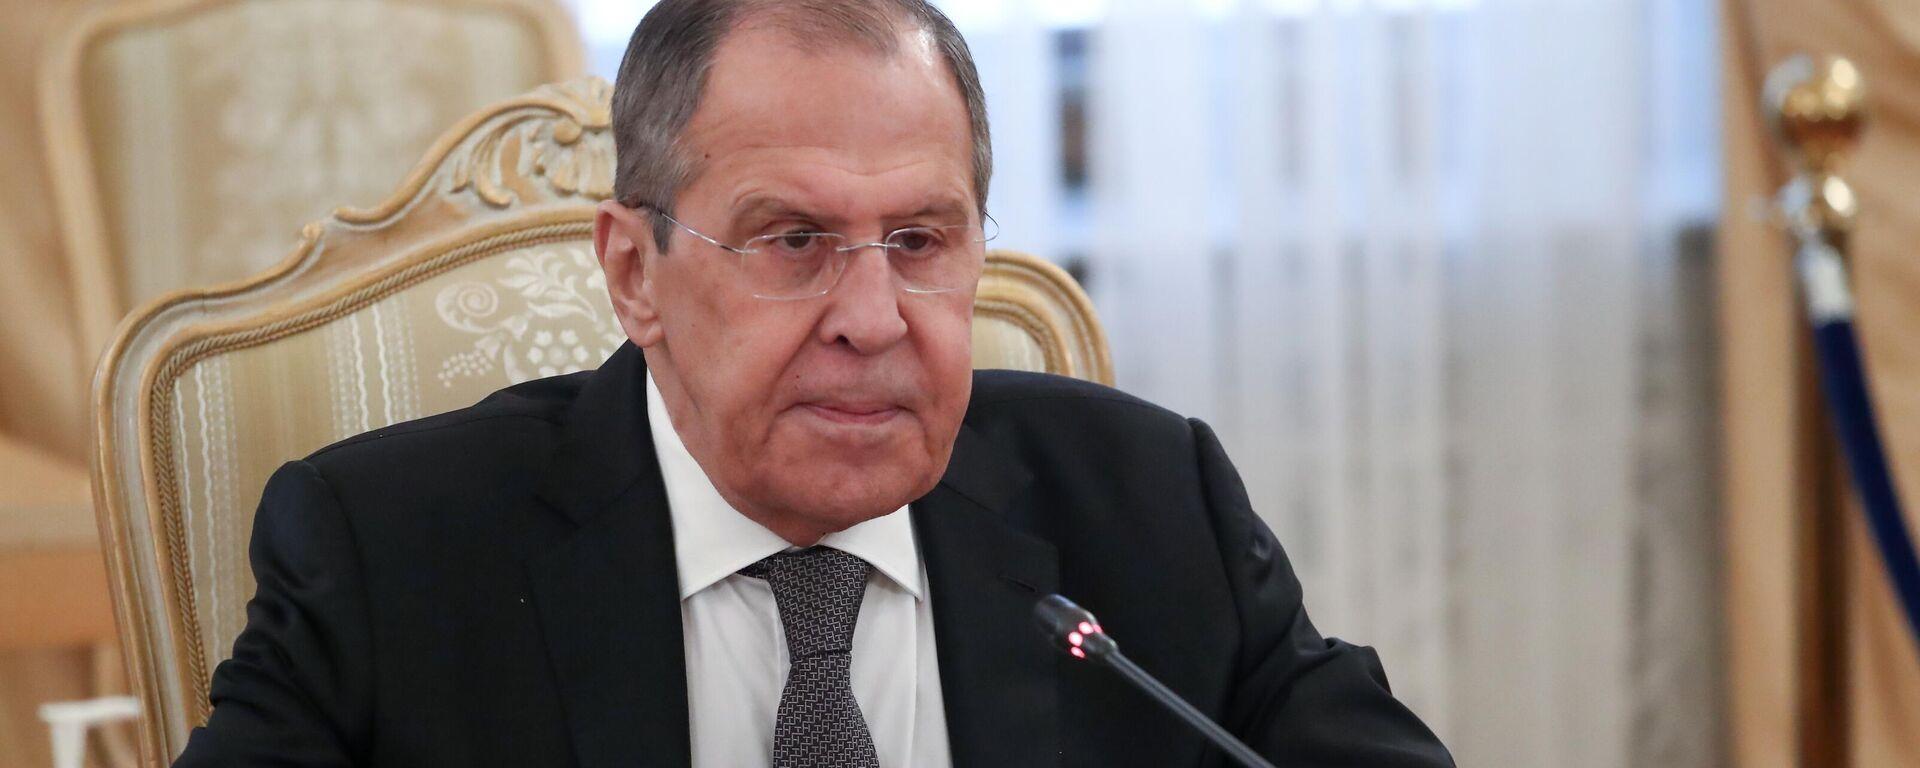 Serguéi Lavrov, el ministro ruso de Exteriores, durante la reunión con su homólogo palestino, Riad Malki - Sputnik Mundo, 1920, 05.05.2021